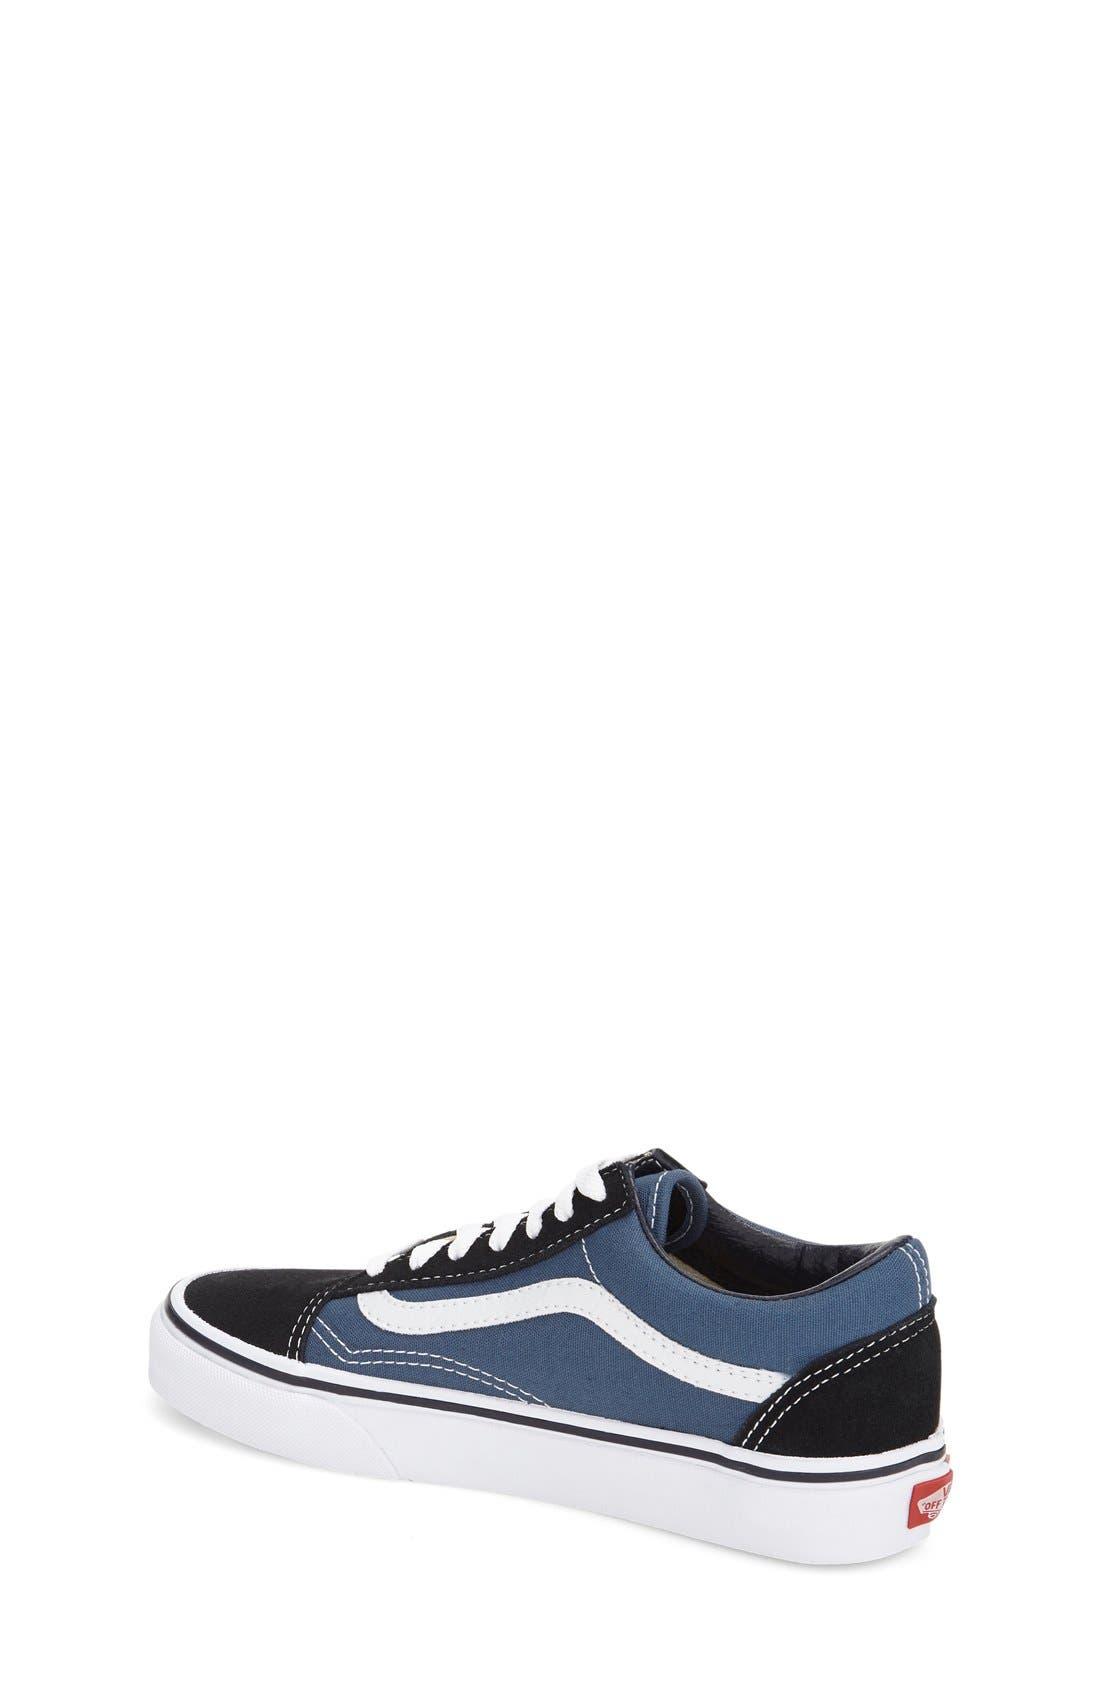 Alternate Image 2  - Vans 'Old Skool' Sneaker (Big Kid)